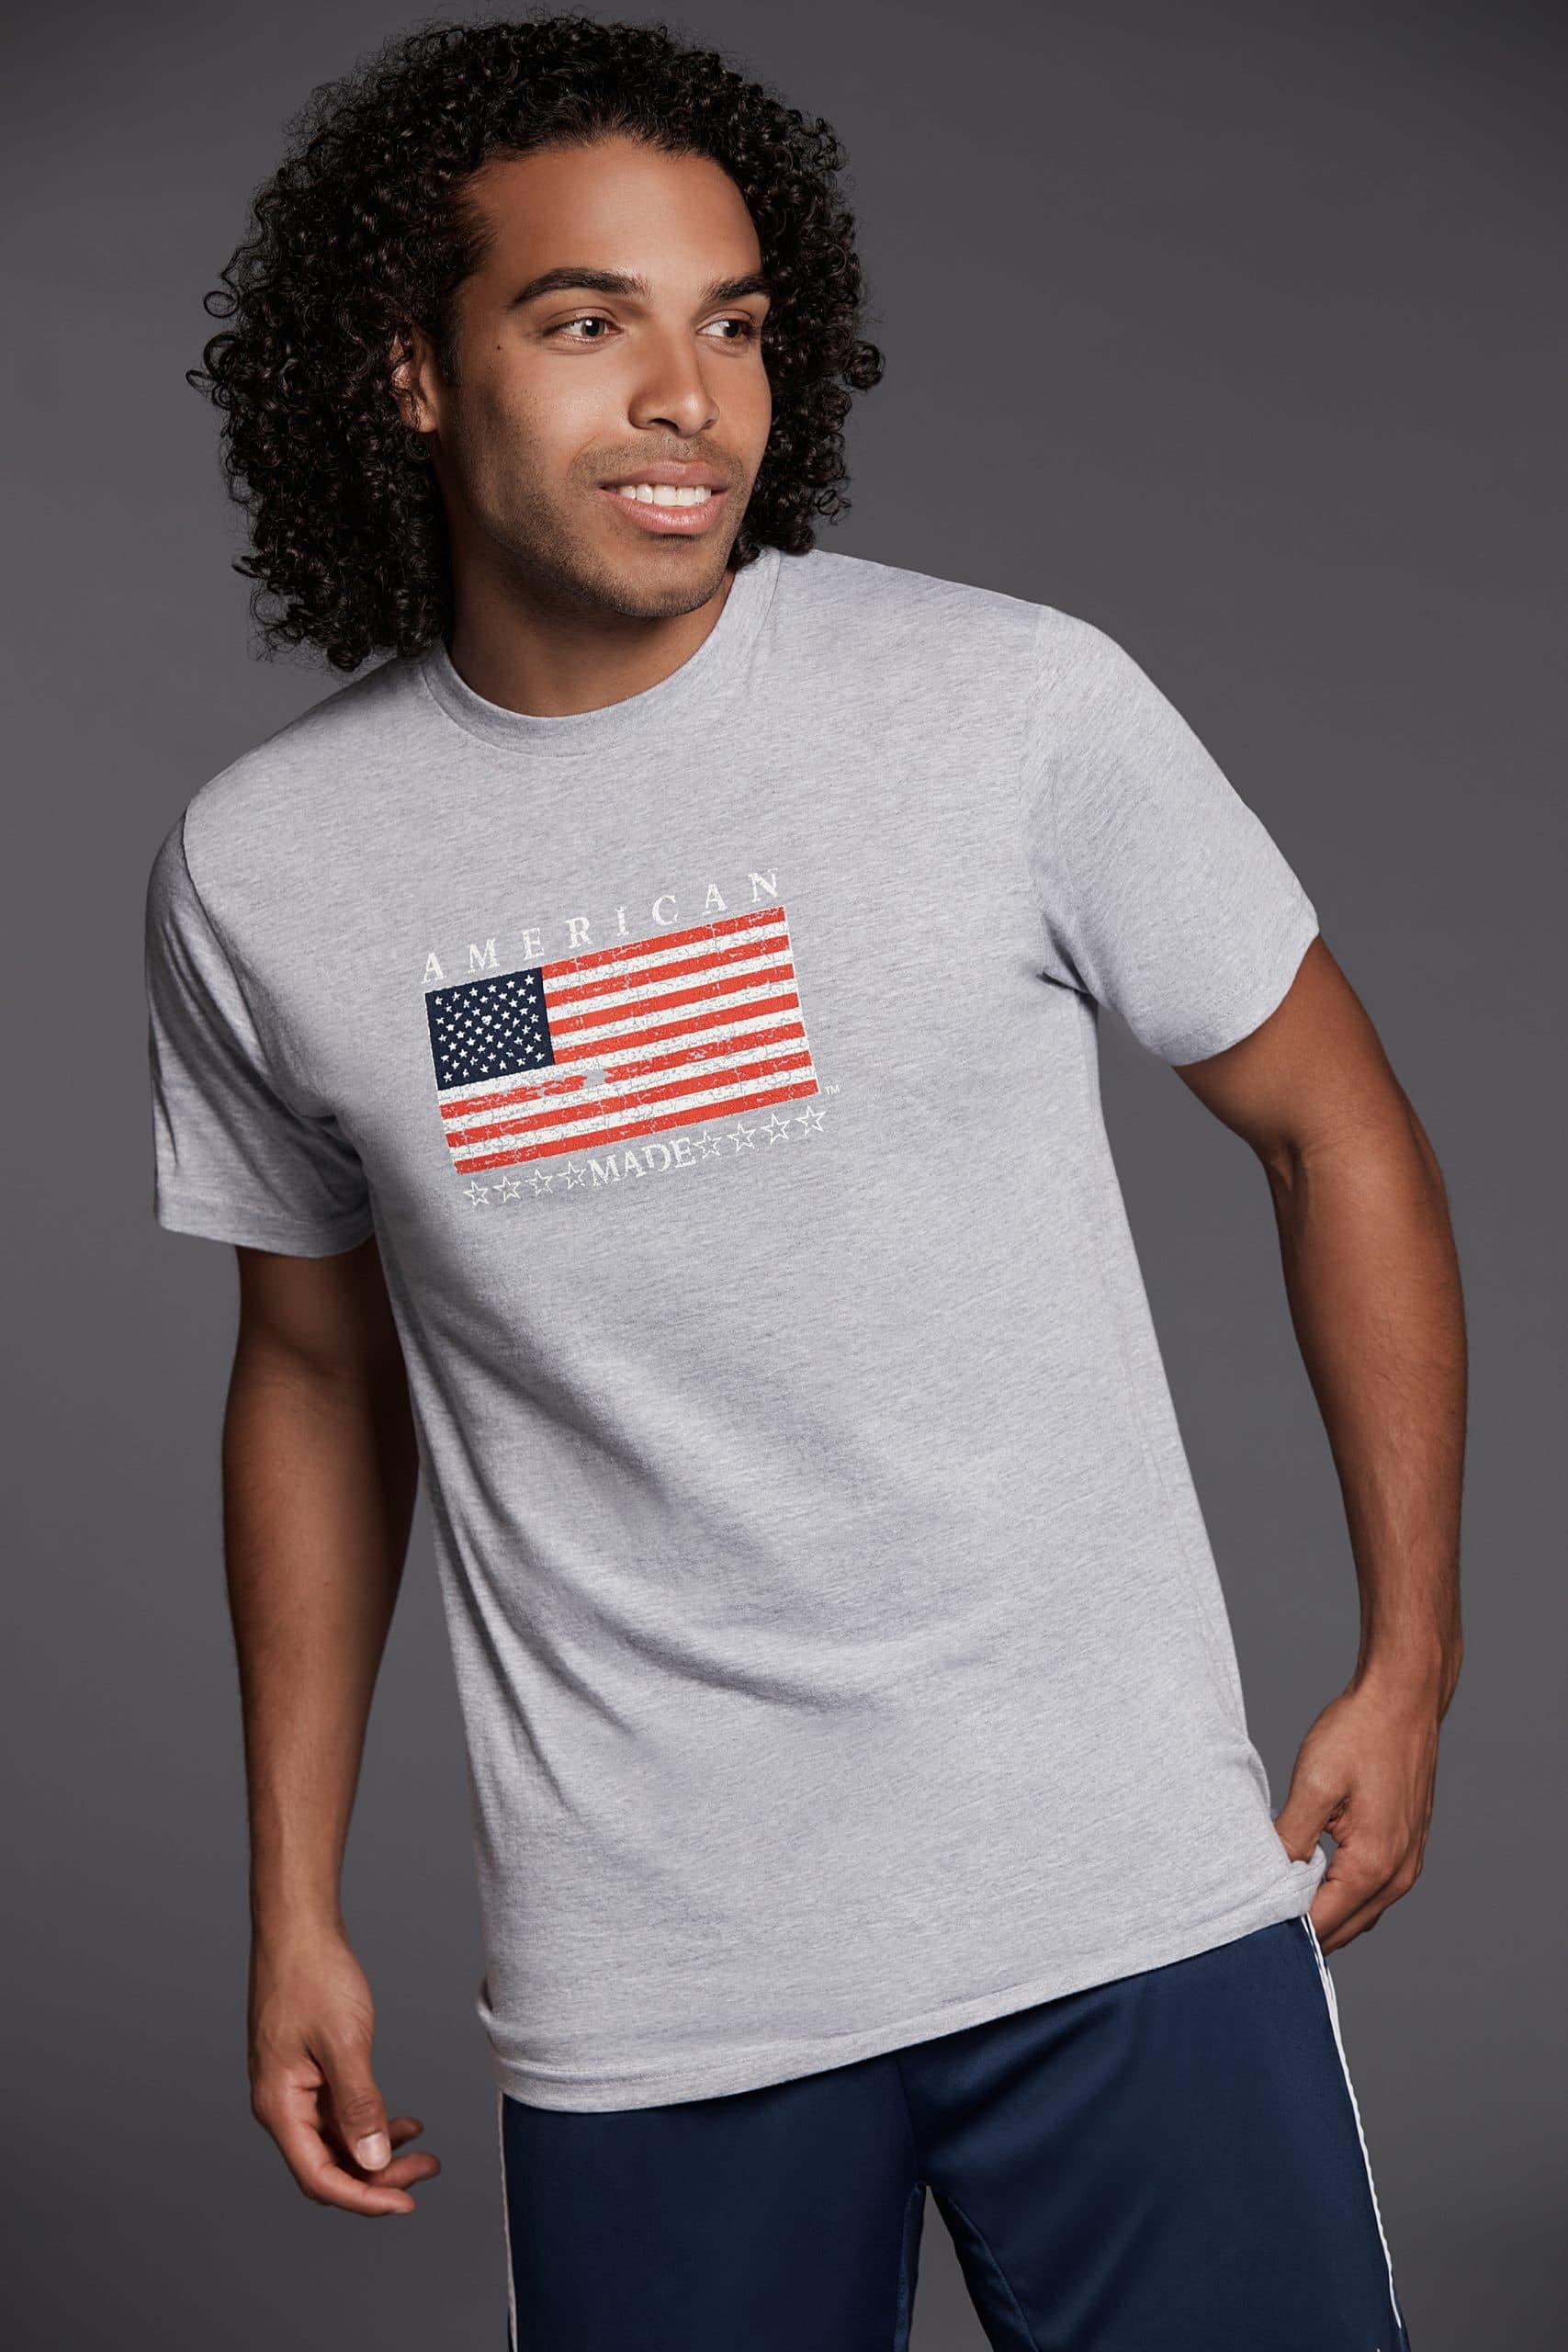 Star Heart Faith Hope Dreams Unisex Flag Shirt